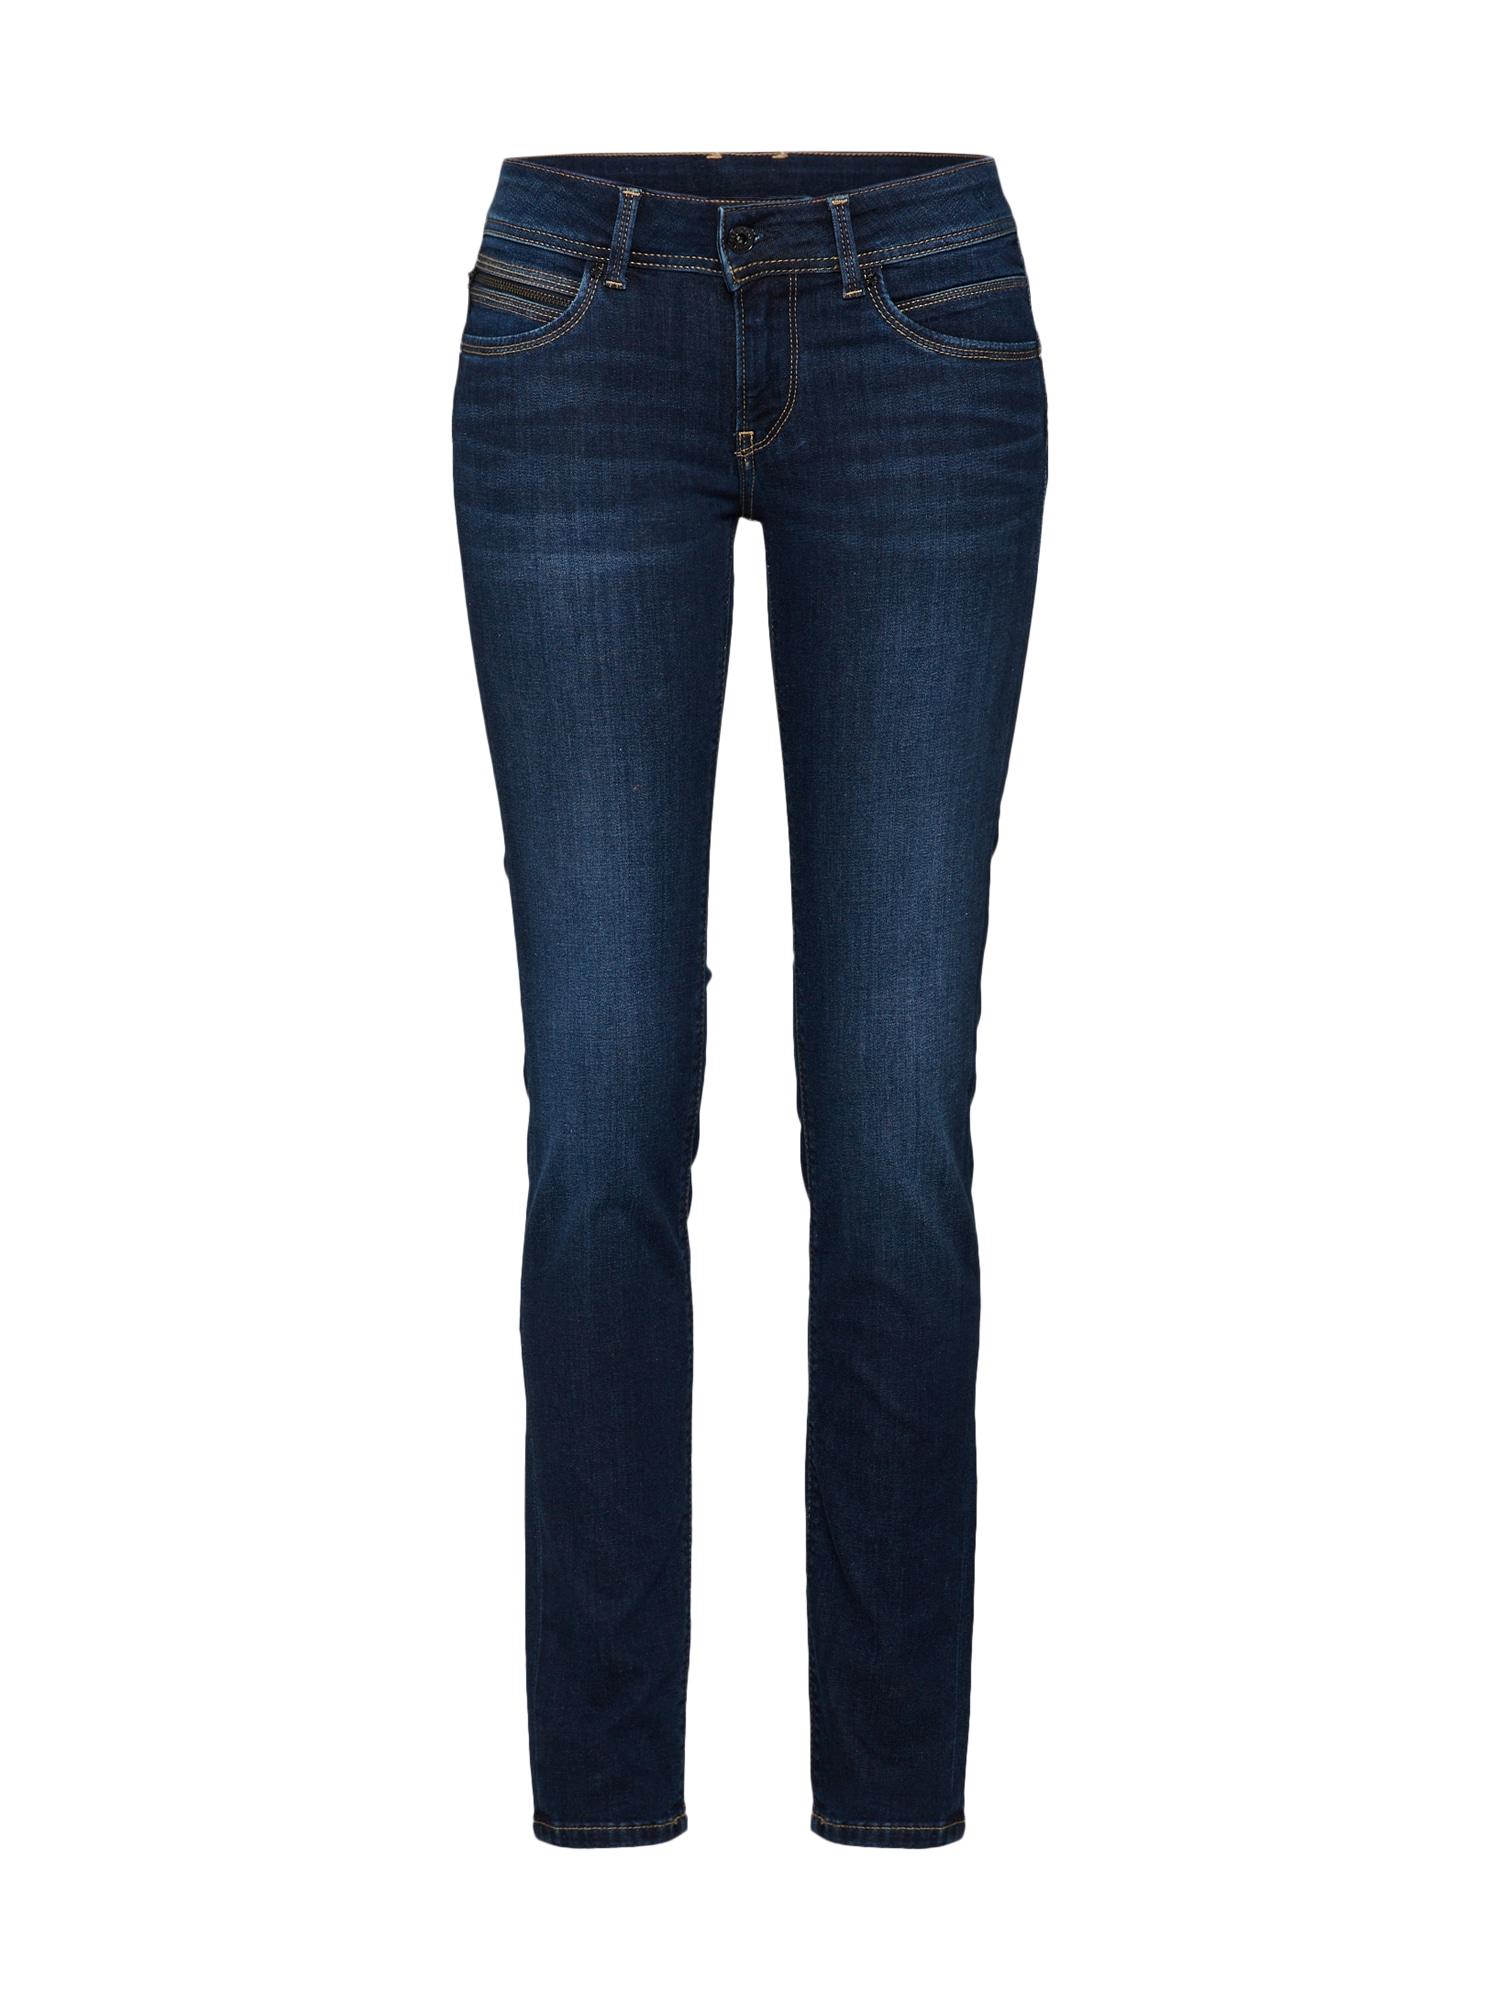 Kalhoty New Brooke modrá džínovina Pepe Jeans